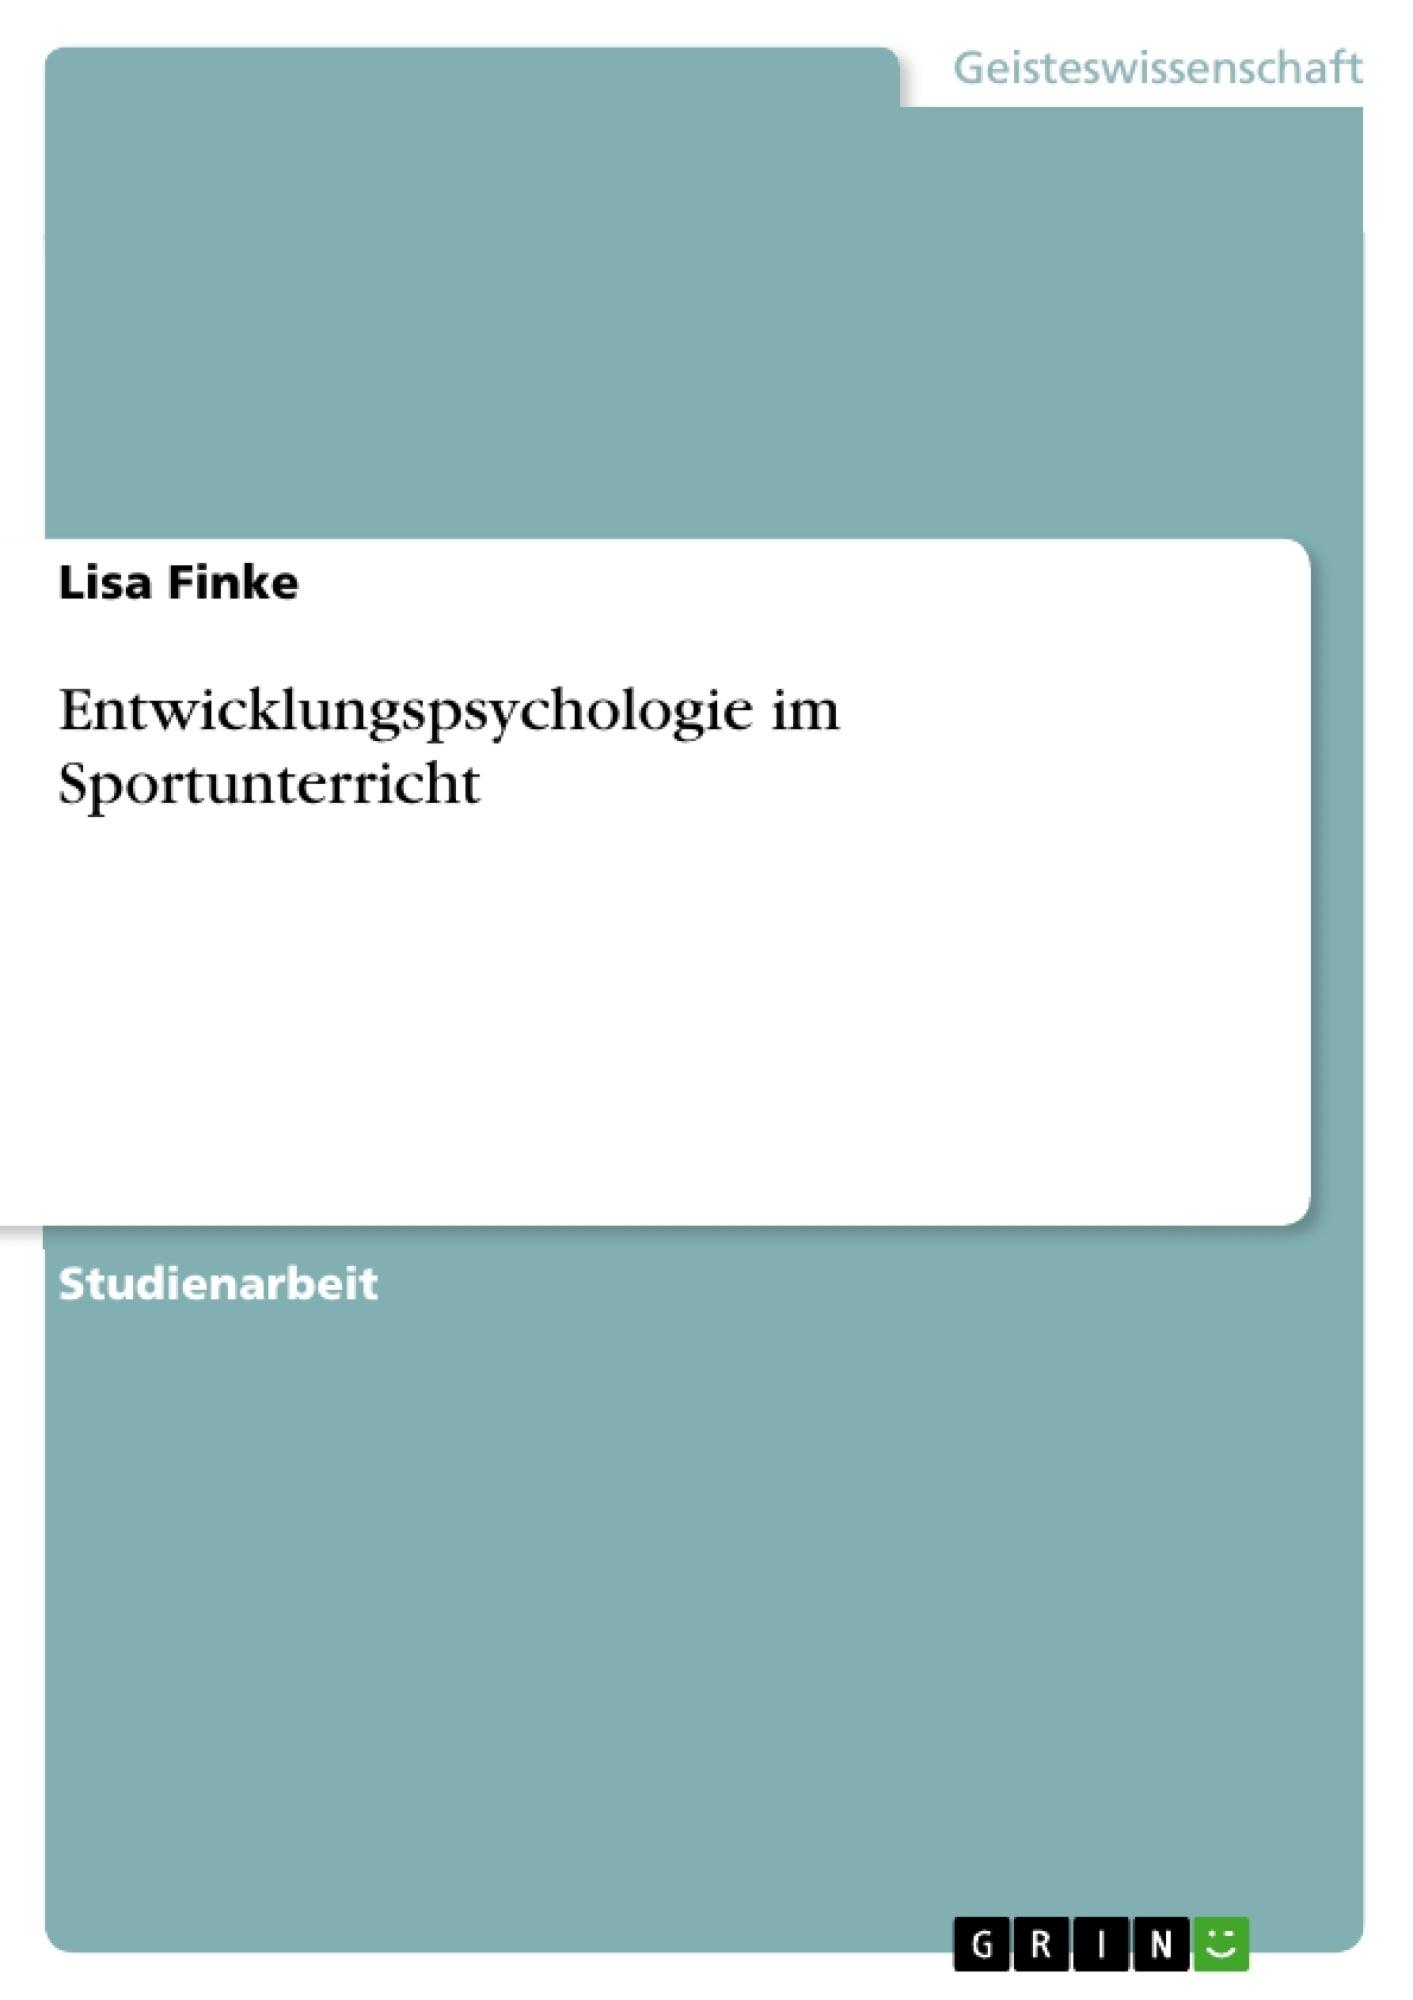 Titel: Entwicklungspsychologie im Sportunterricht